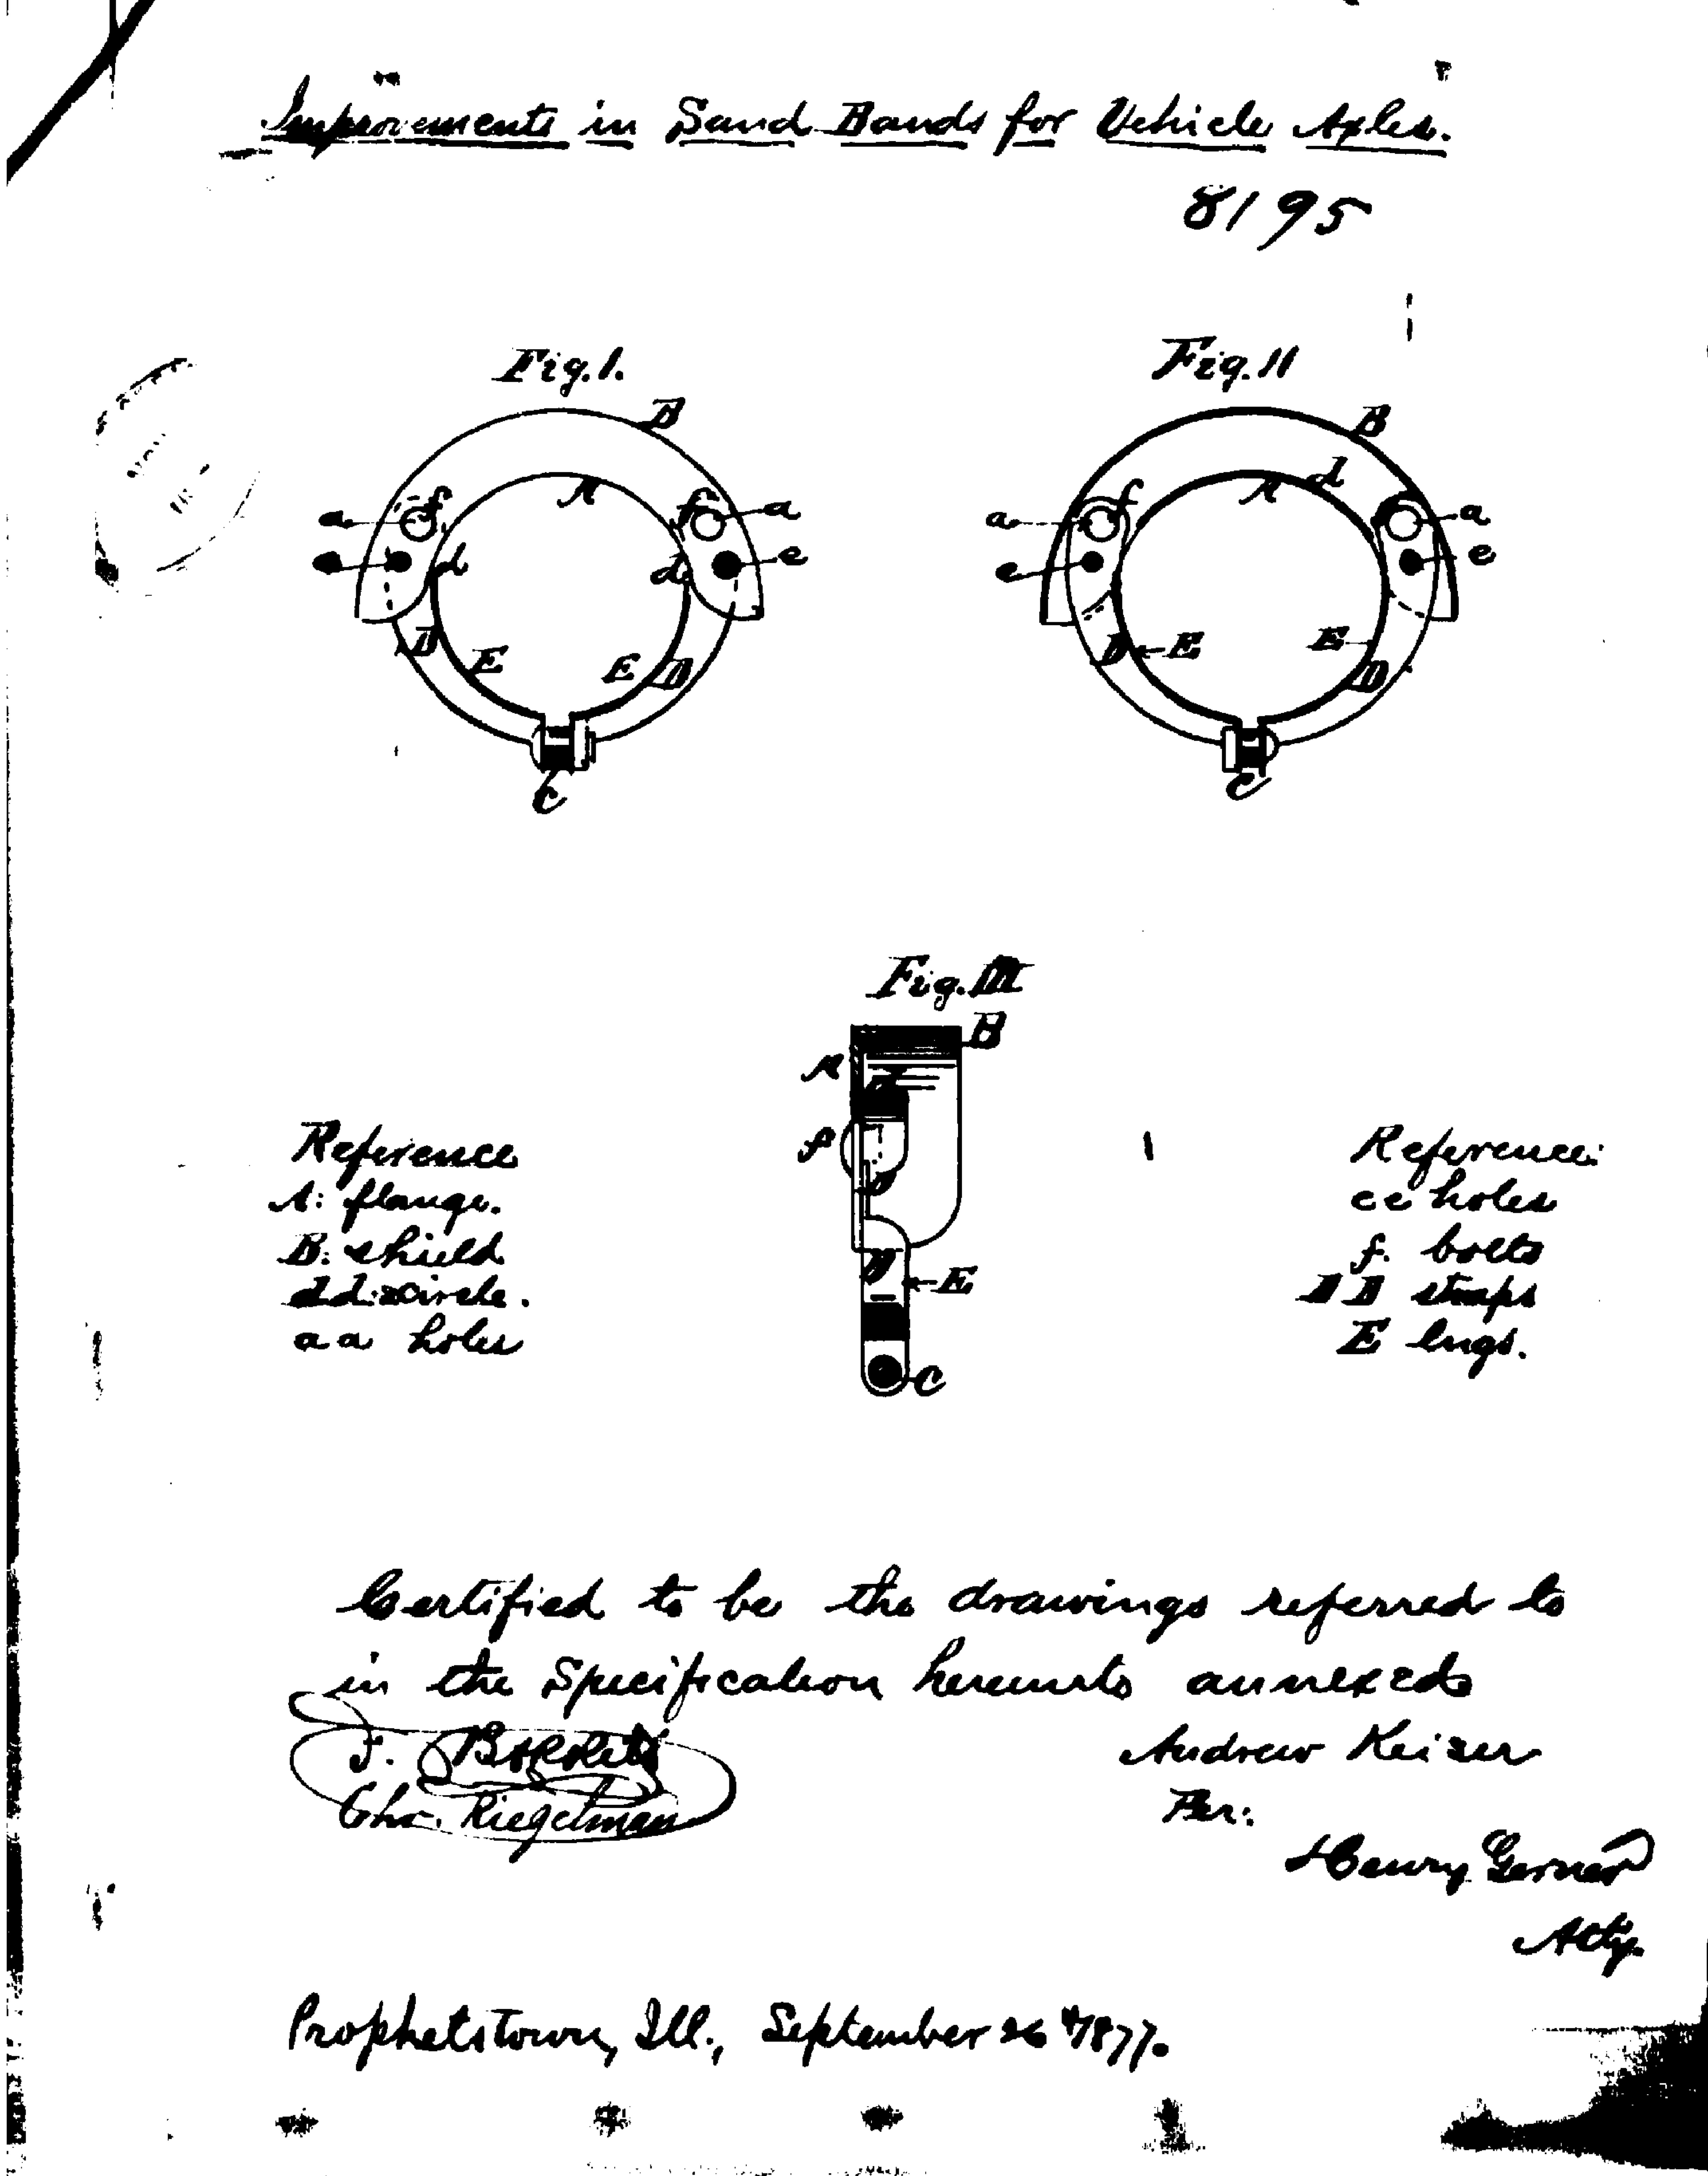 Kaiser_Andrew_1877_PatentCA8195A_originalDoc_Espacenet_p7